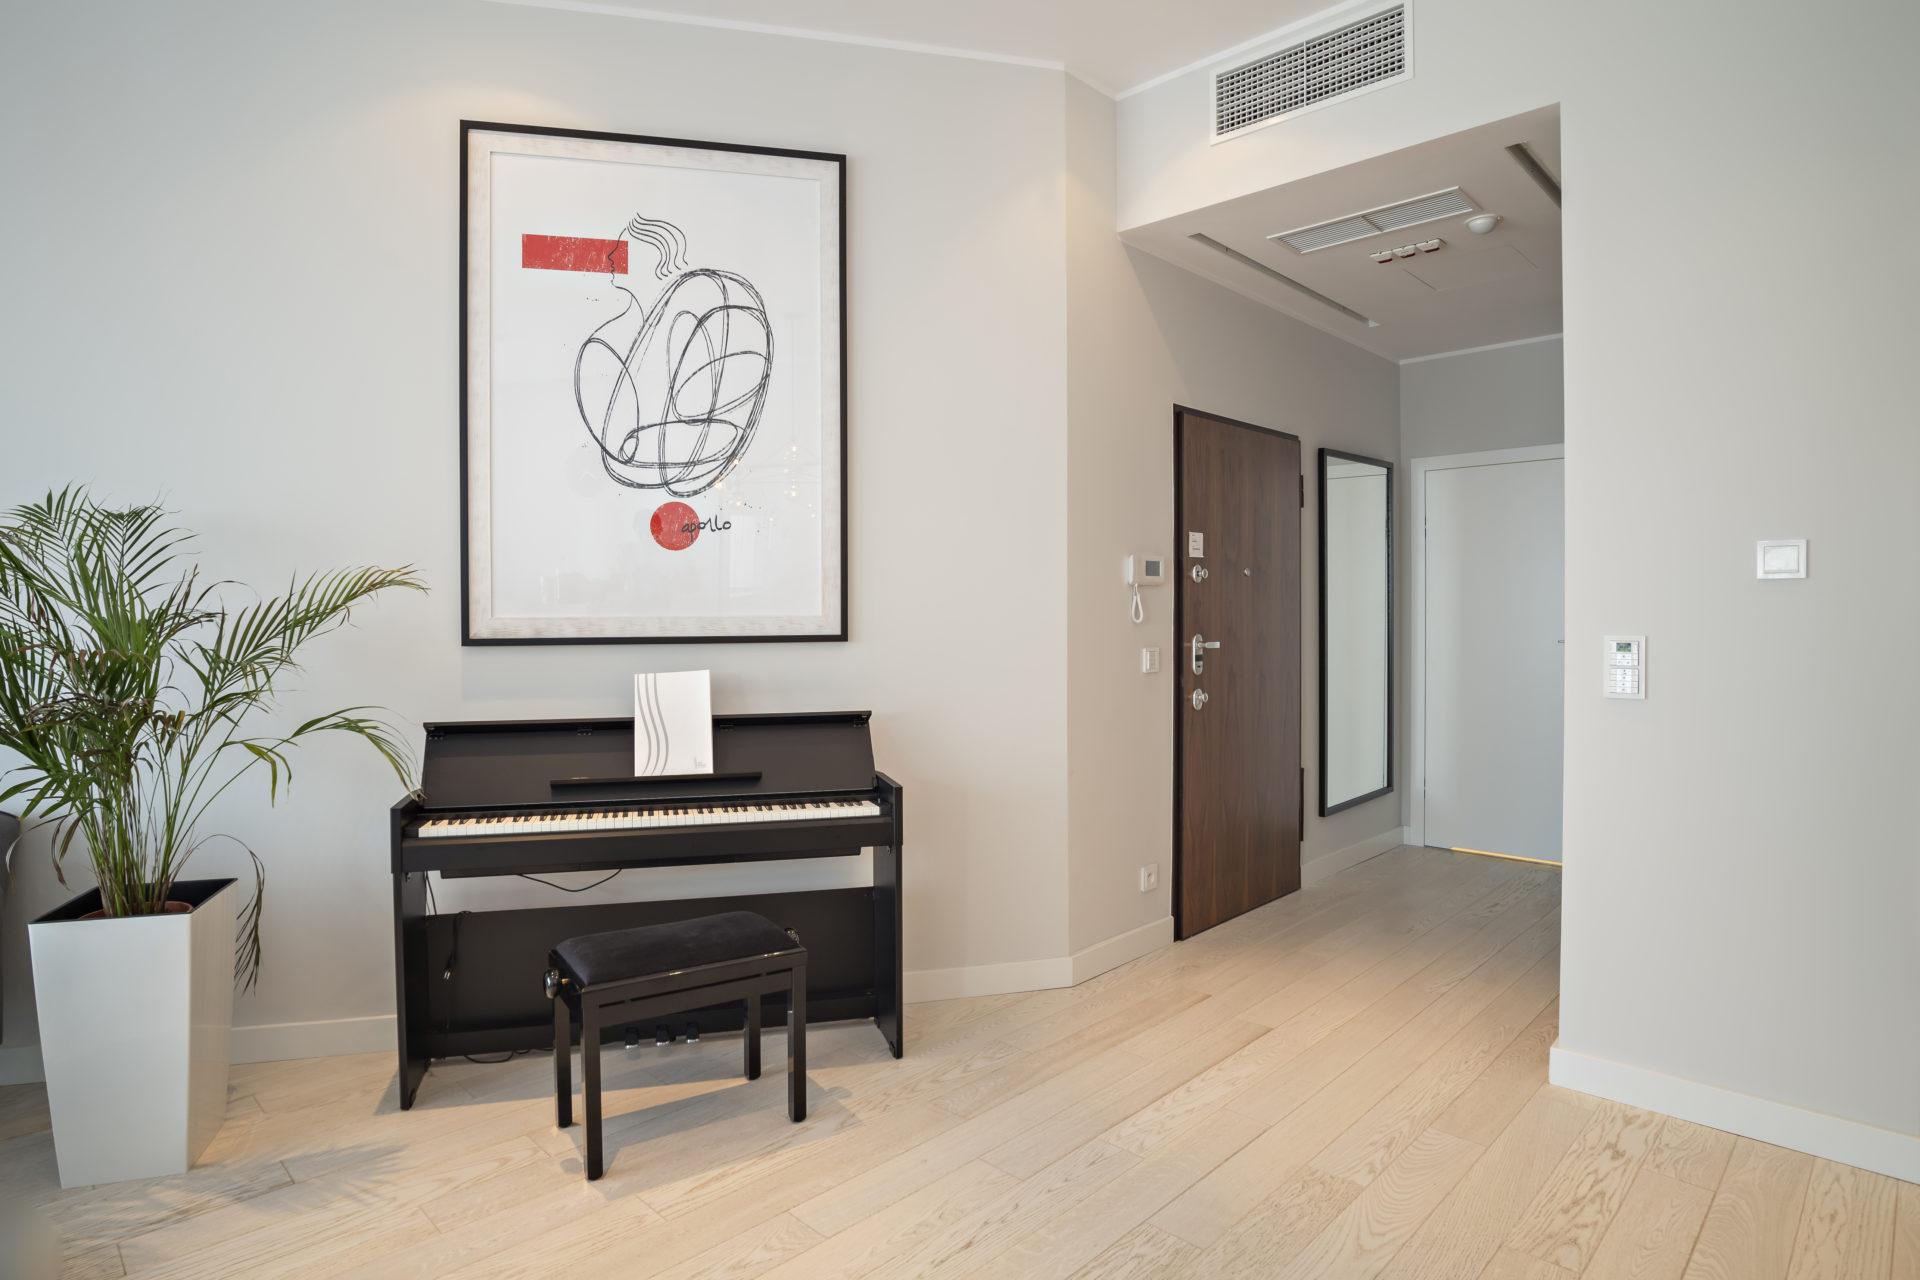 Sky Tower, apartament, projekt wnętrz, architekt Wrocław, pianino, panorama Wrocławia, koru Julia Koczur 04